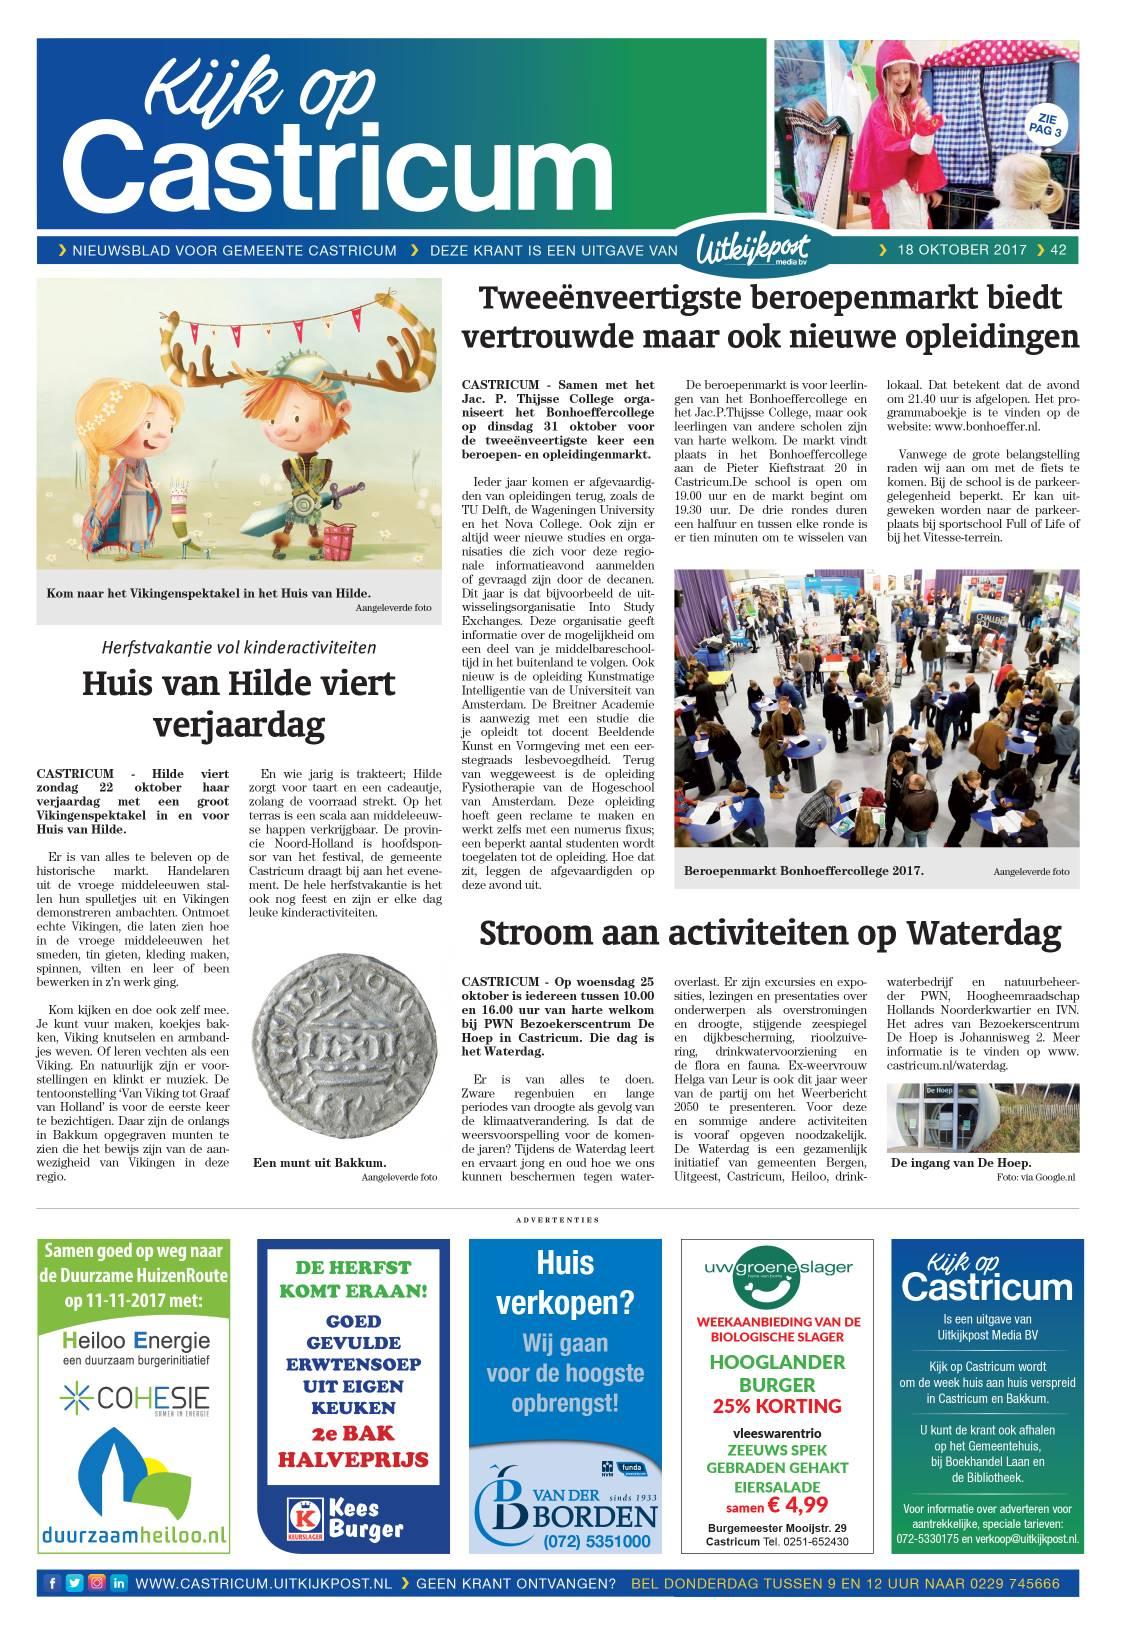 Kijk op Castricum - Voorpagina